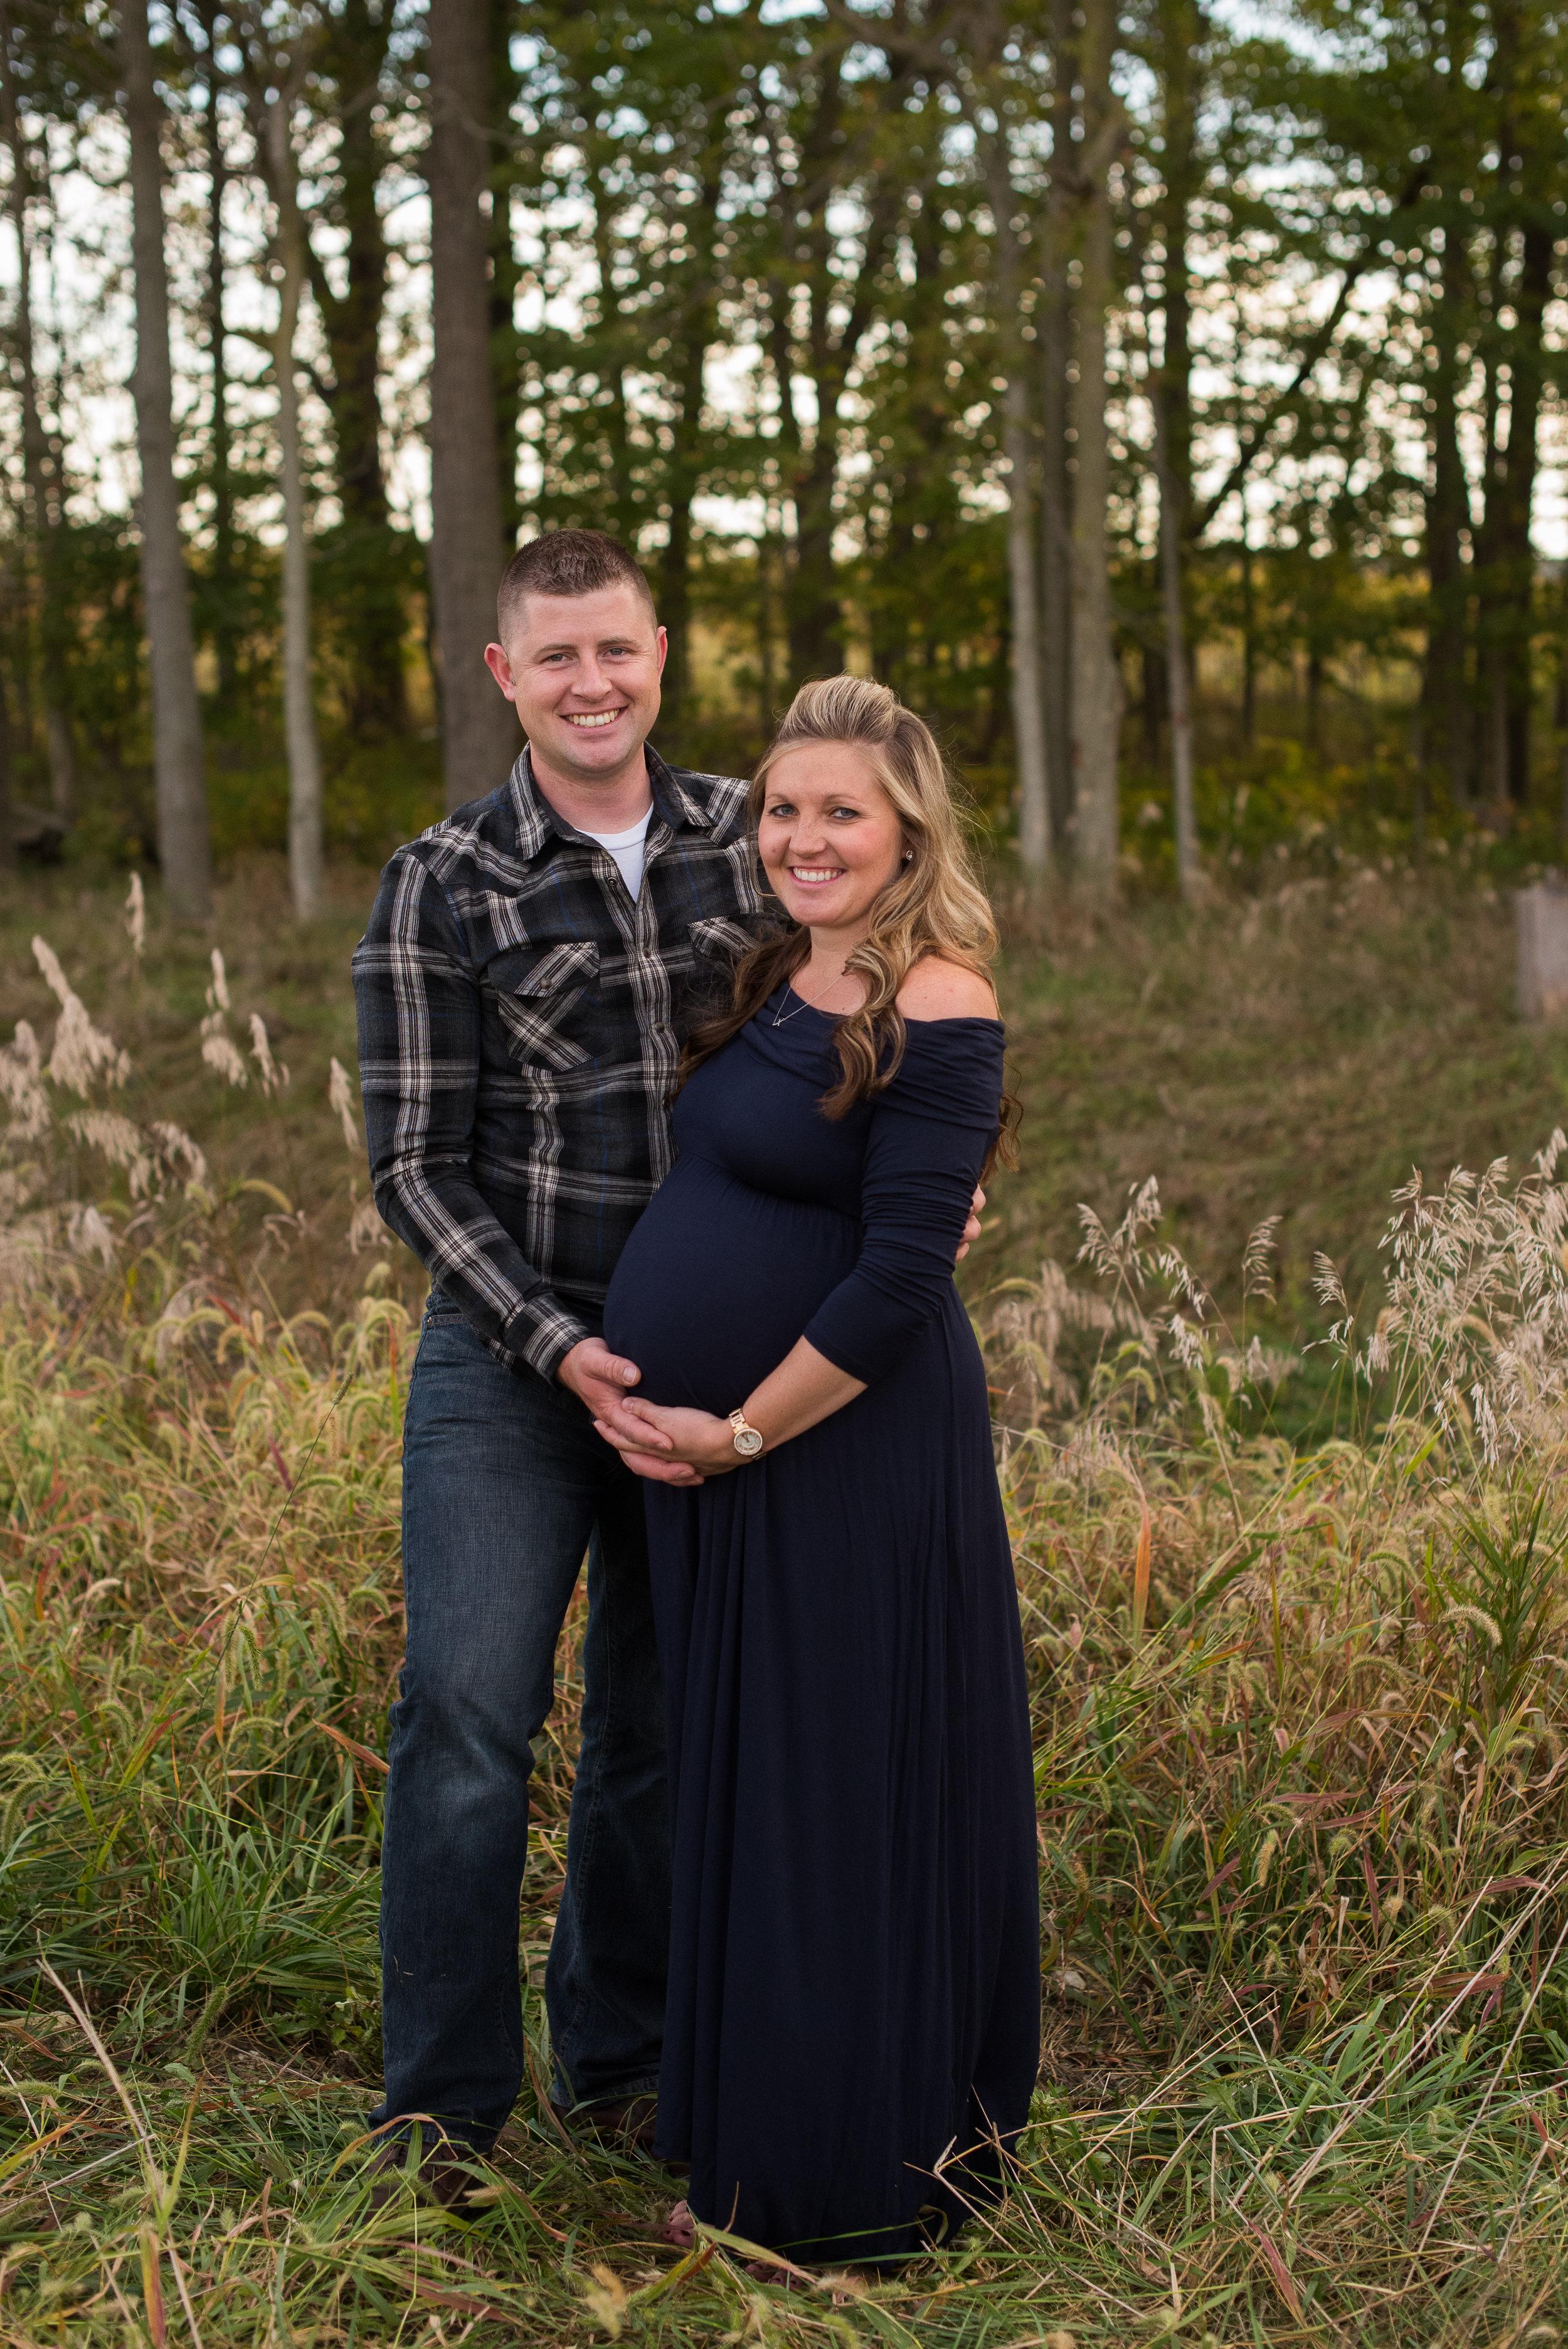 Neeley_Maternity_17-49.jpg